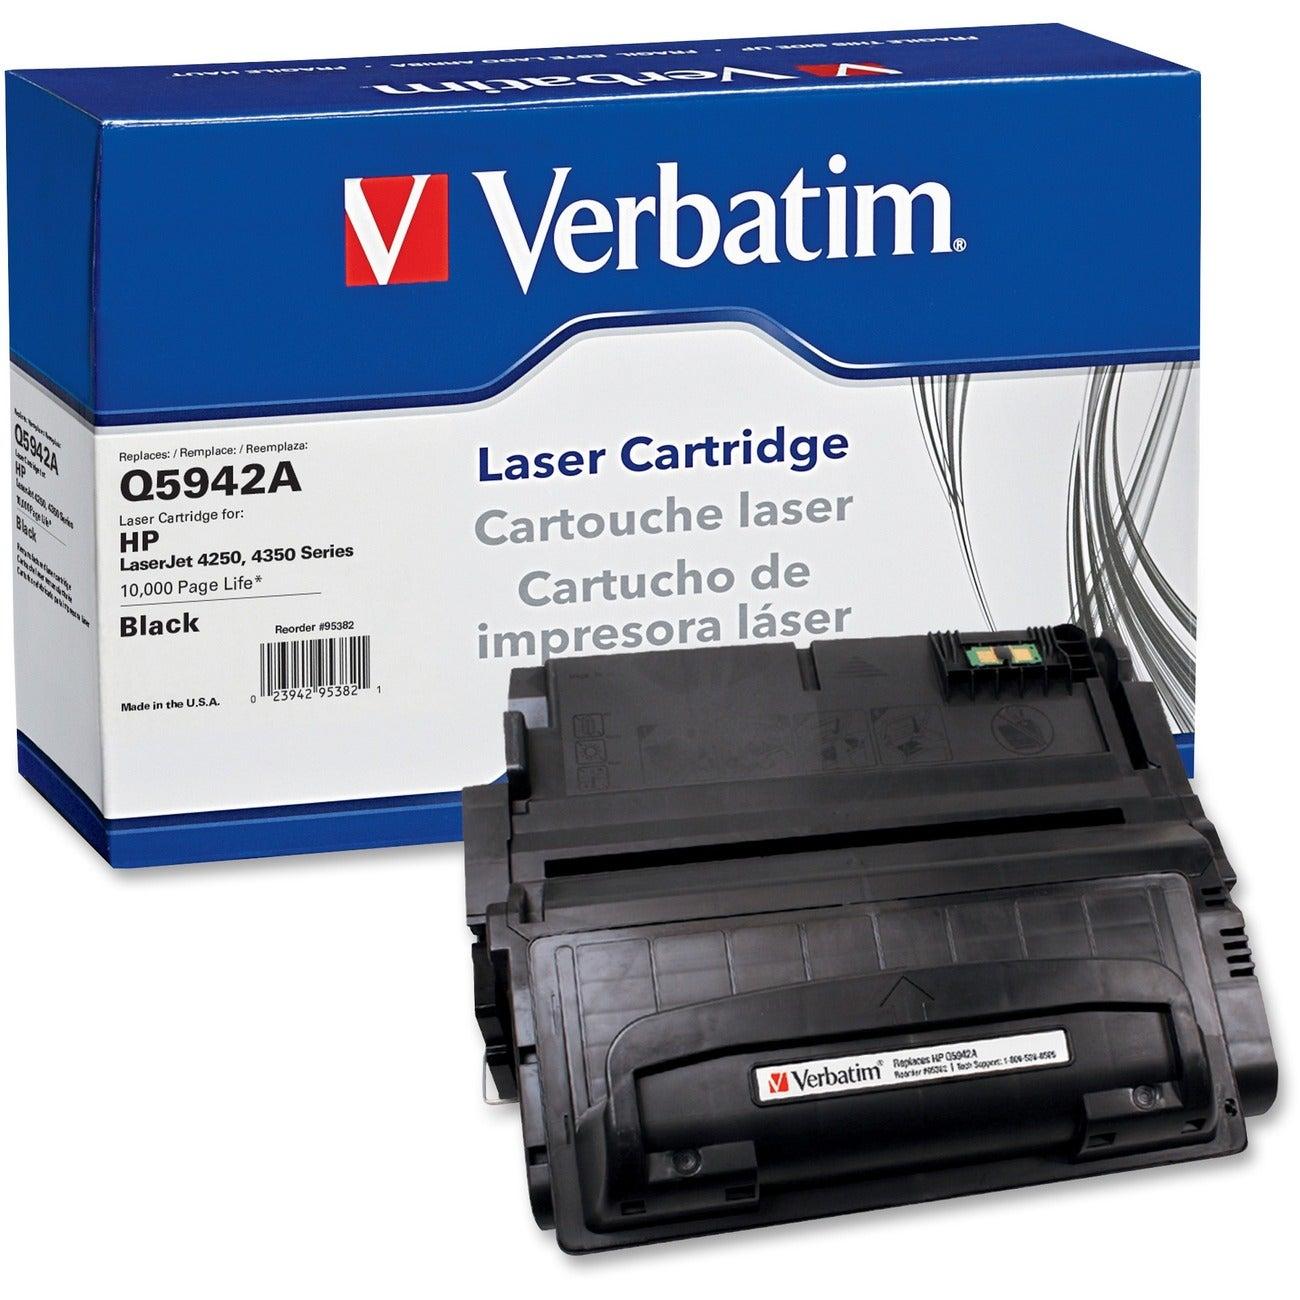 Verbatim Toner Cartridge (Black)